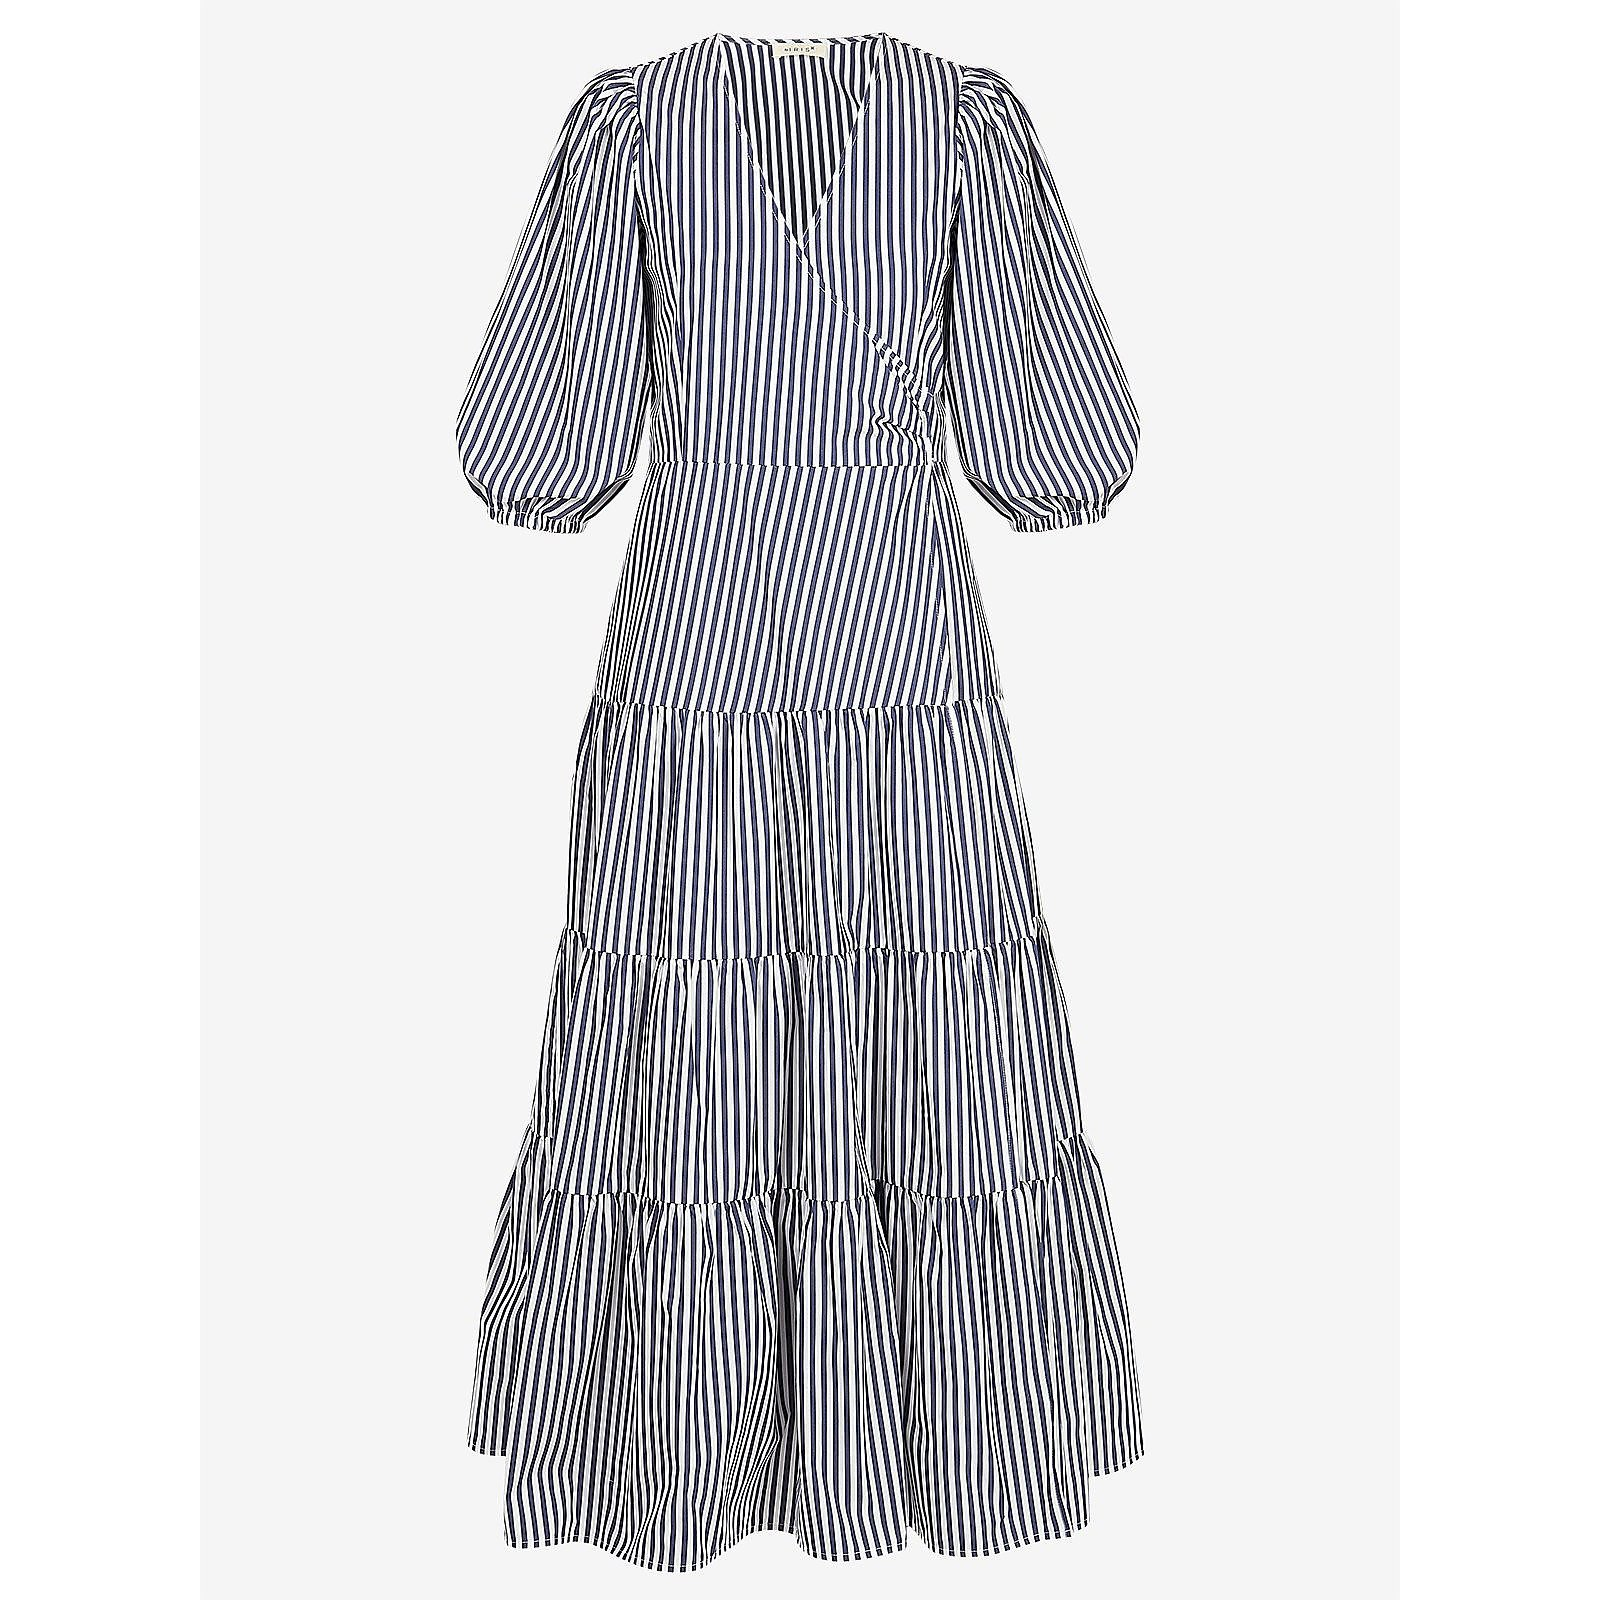 By Iris Leona Stripe Dress